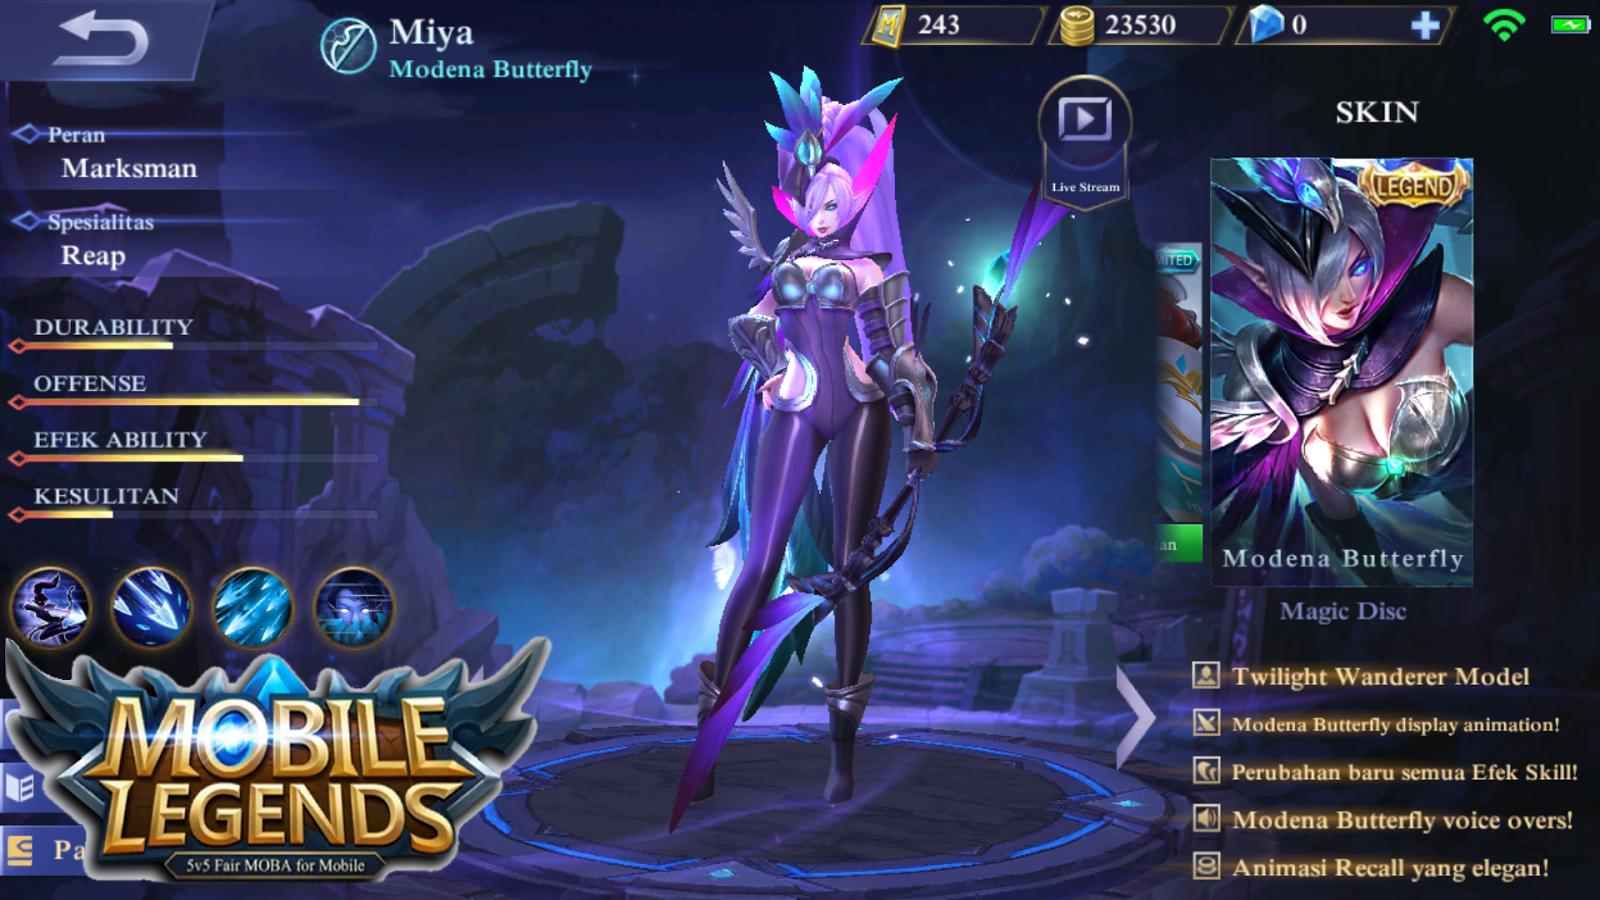 500 Gambar Hero Mobile Legend Miya Terbaru